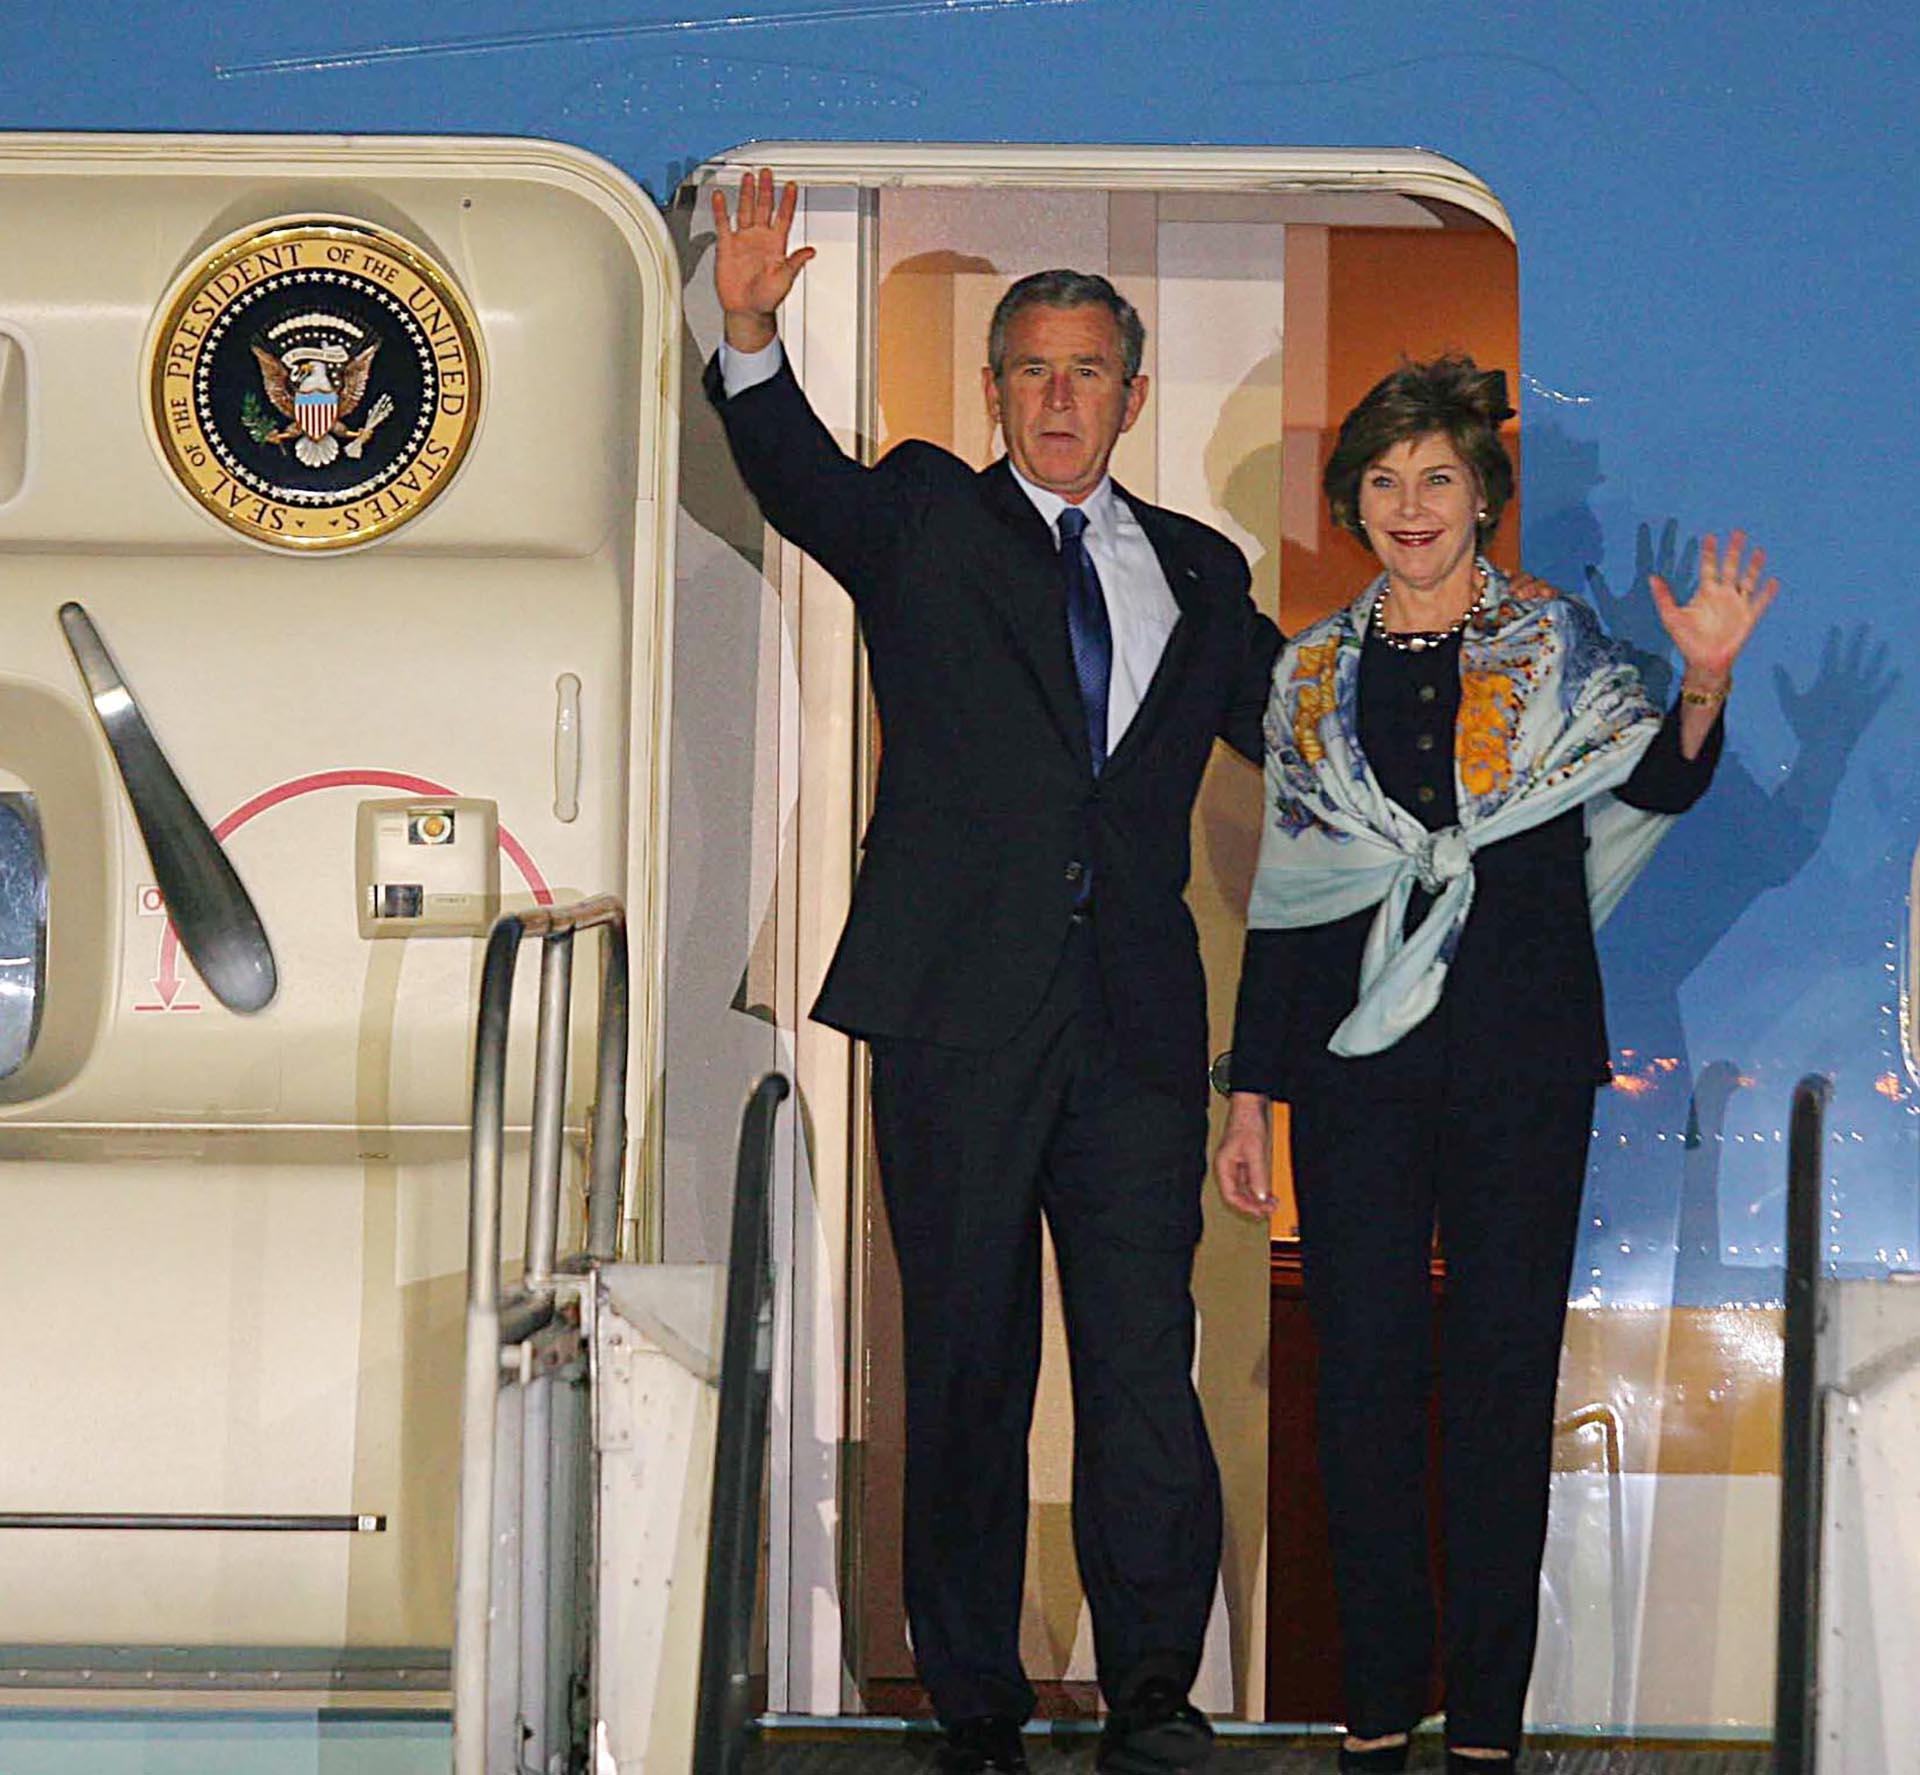 El presidente norteamericano George W. Bush y su esposa Laura saludan al llegar a Mar del Plata